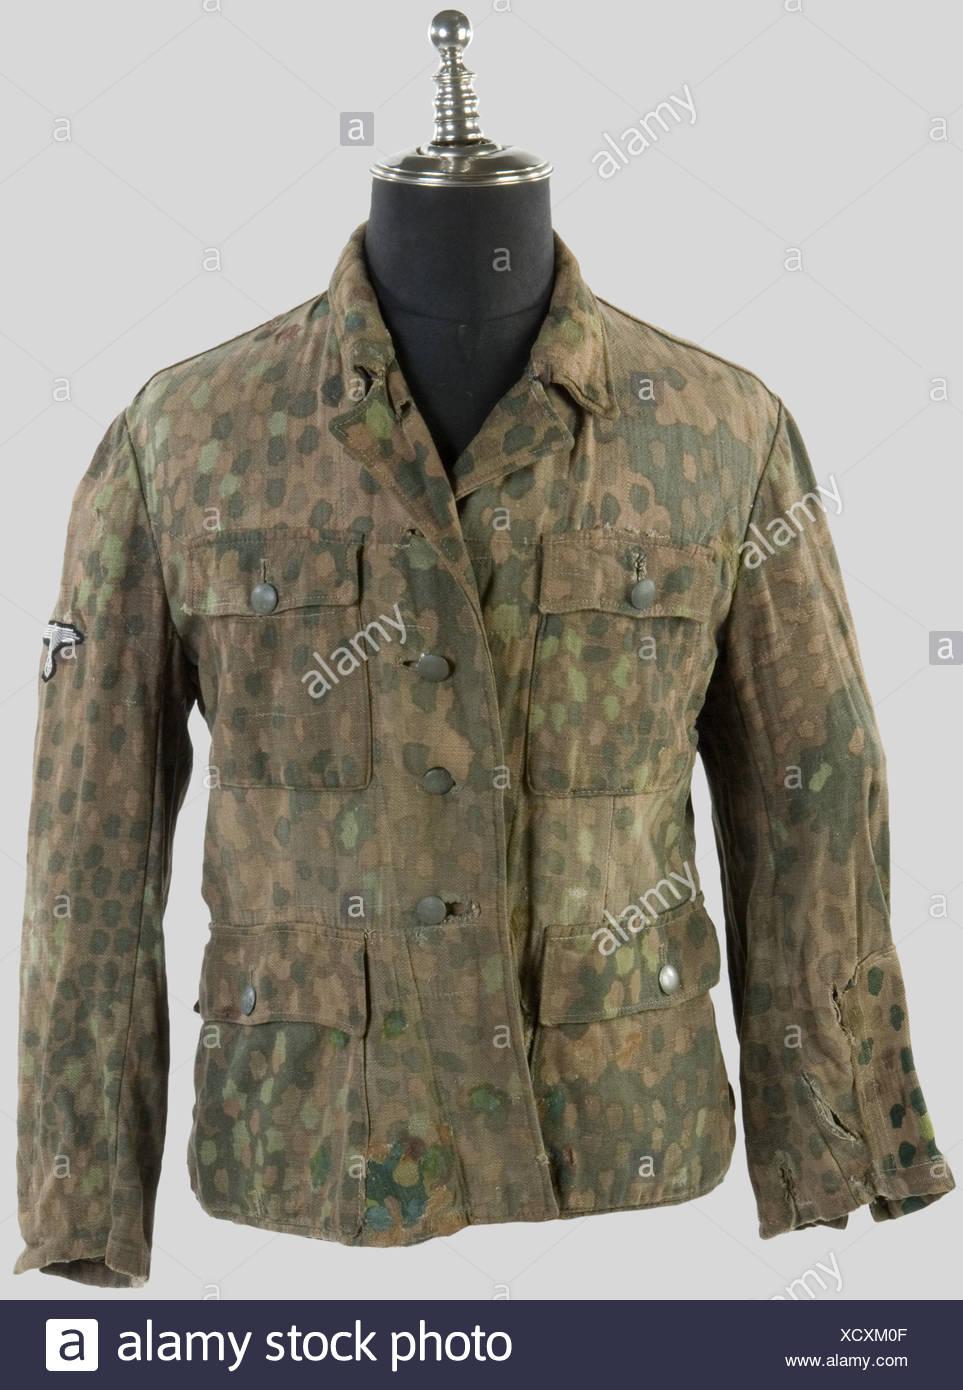 Waffen Ss Veste Camouflé Dit Camouflage De La Schutzstaffel qIvdvw